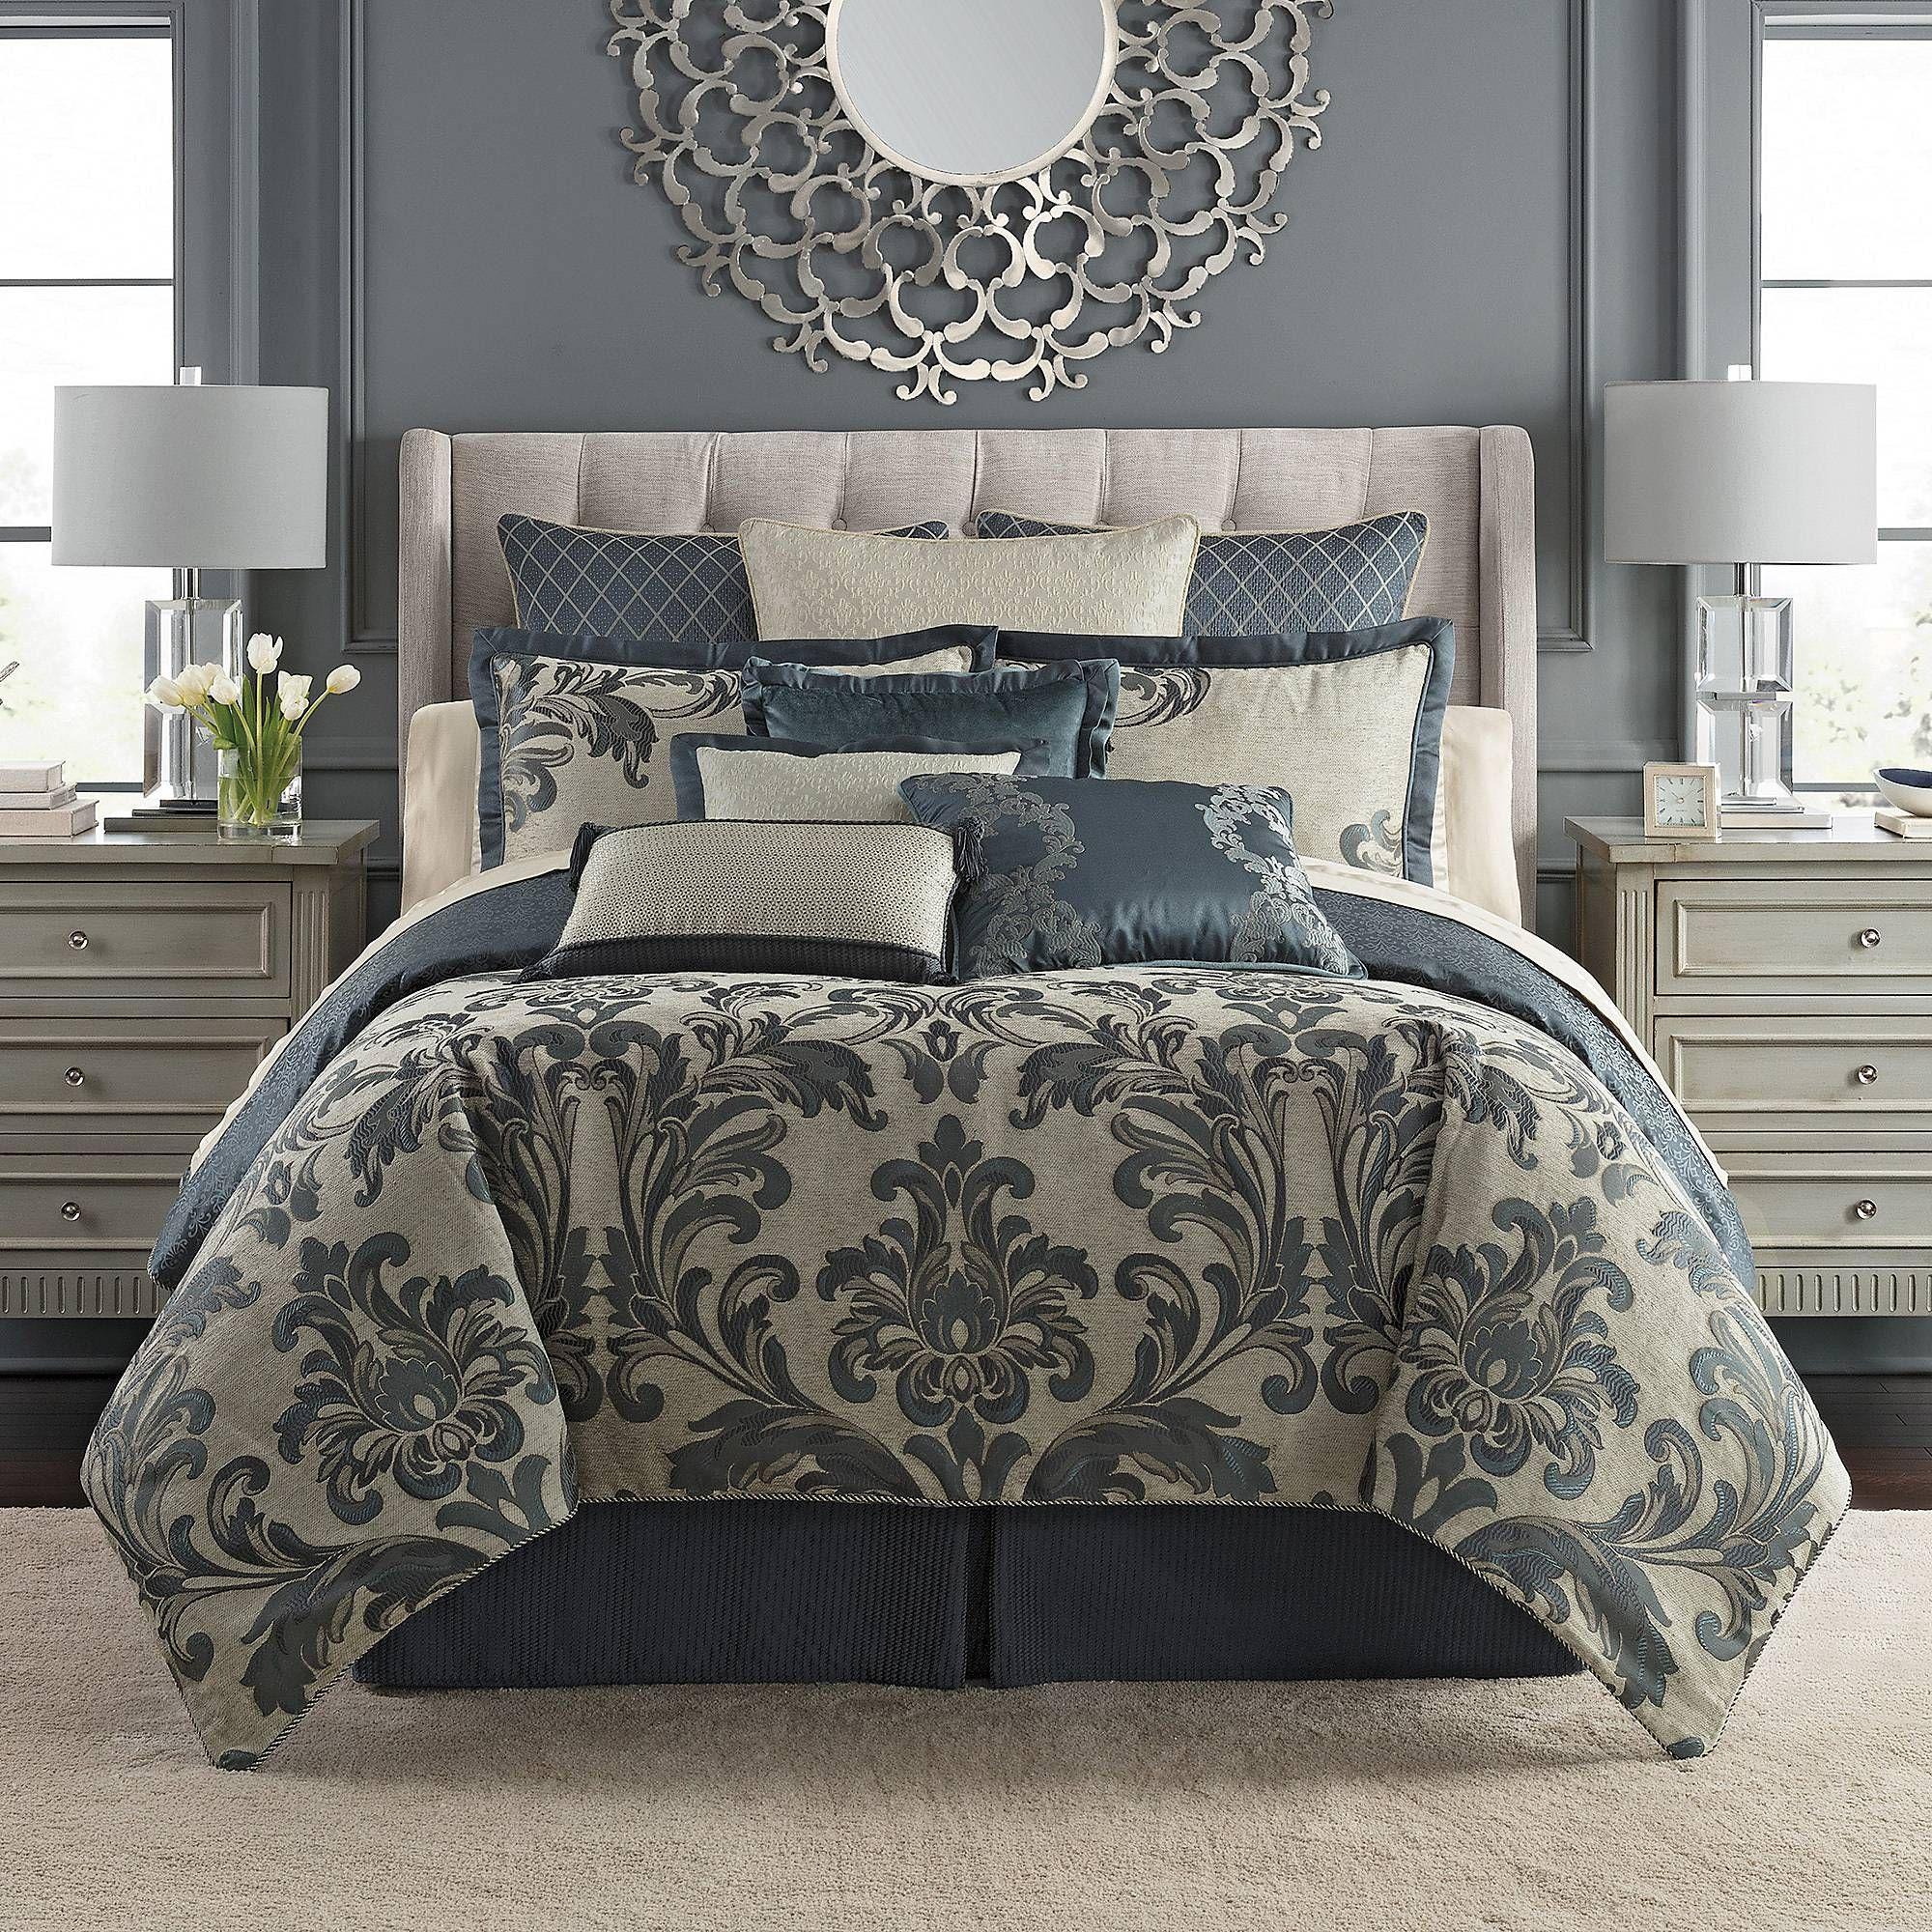 Waterford Everett Reversible Comforter Set Bed Bath Beyond Comforter Sets Master Bedroom Comforter Sets Luxury Bedding Sets